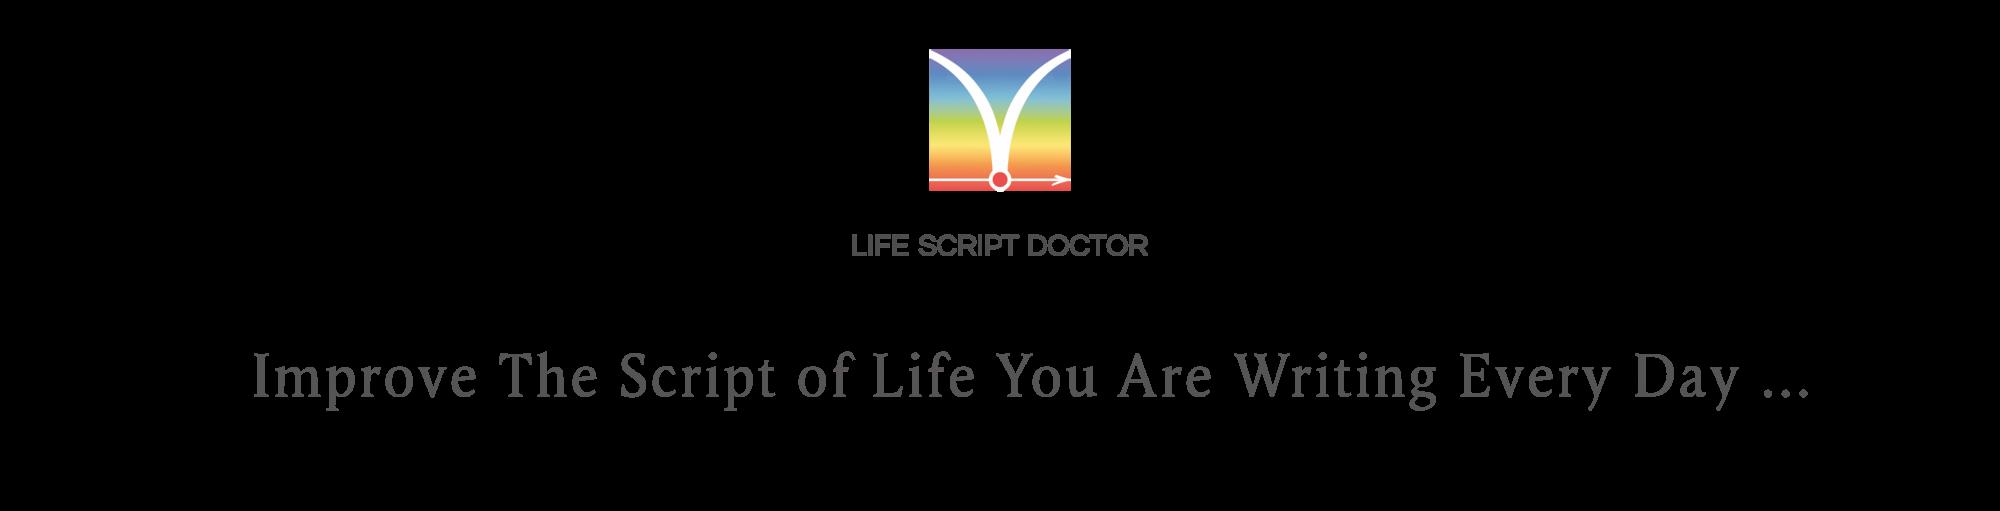 Life Script Doctor